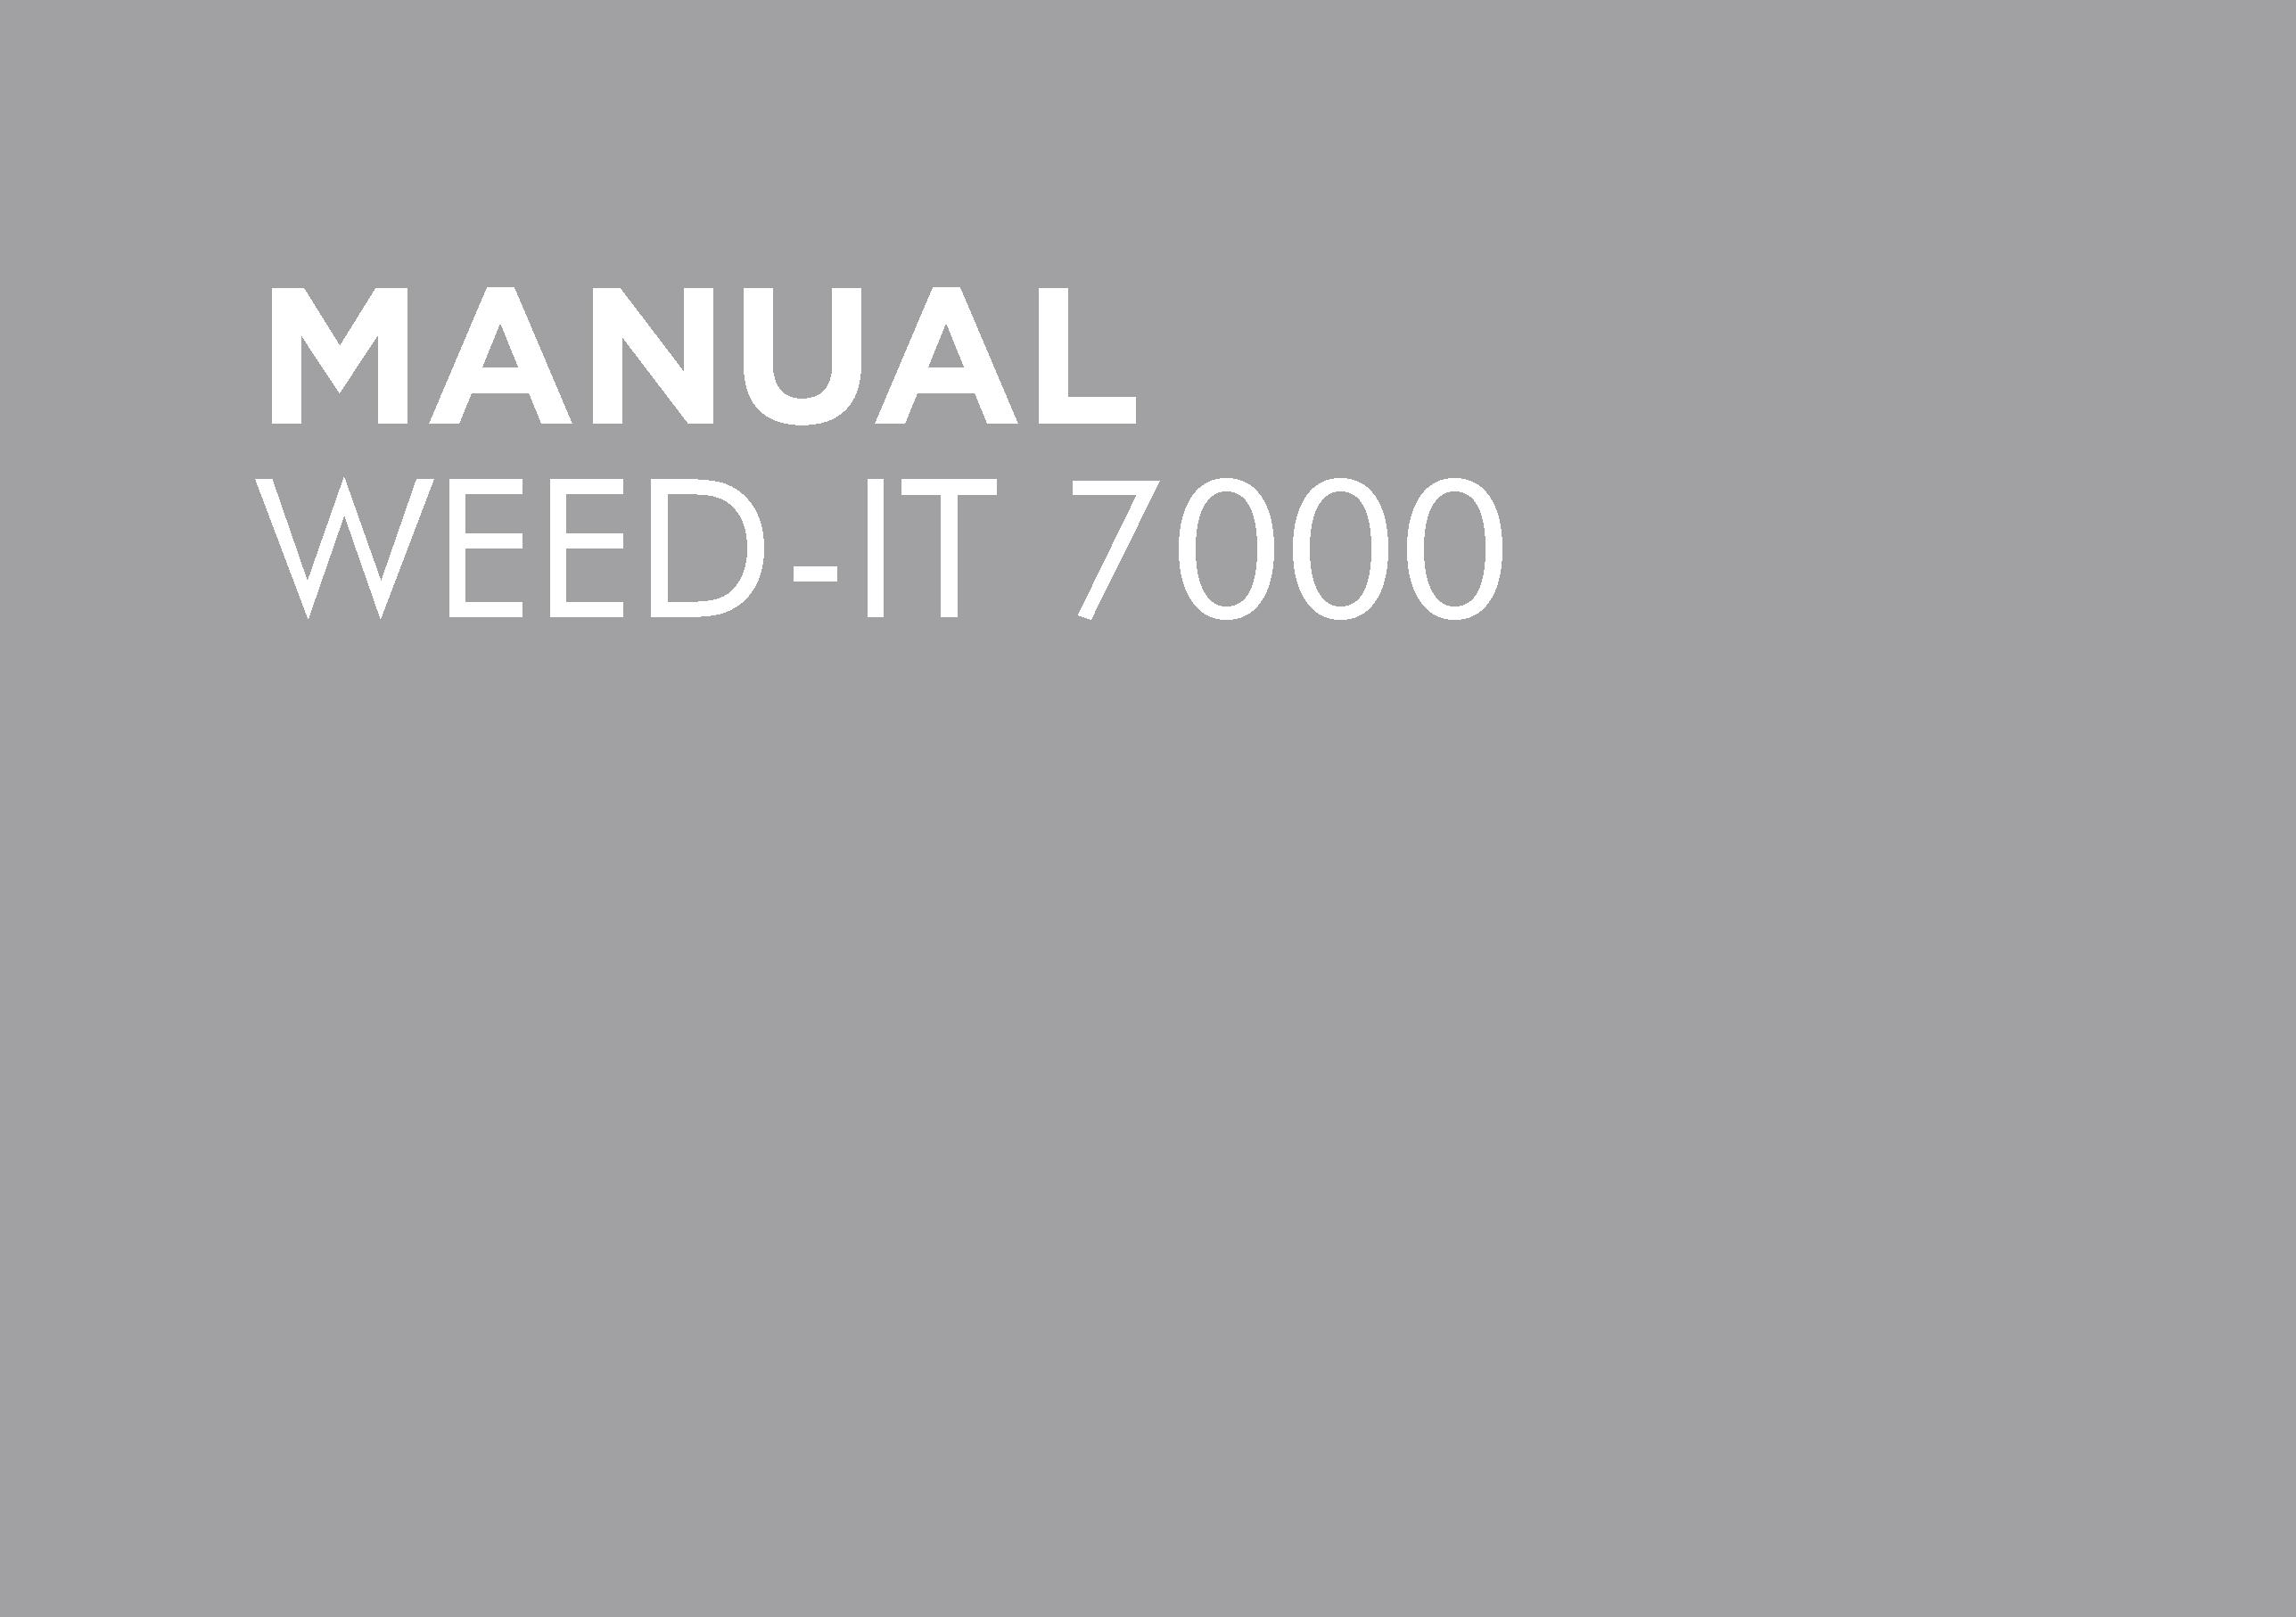 BT-OMWEEDD-A – WEEDIT 7000